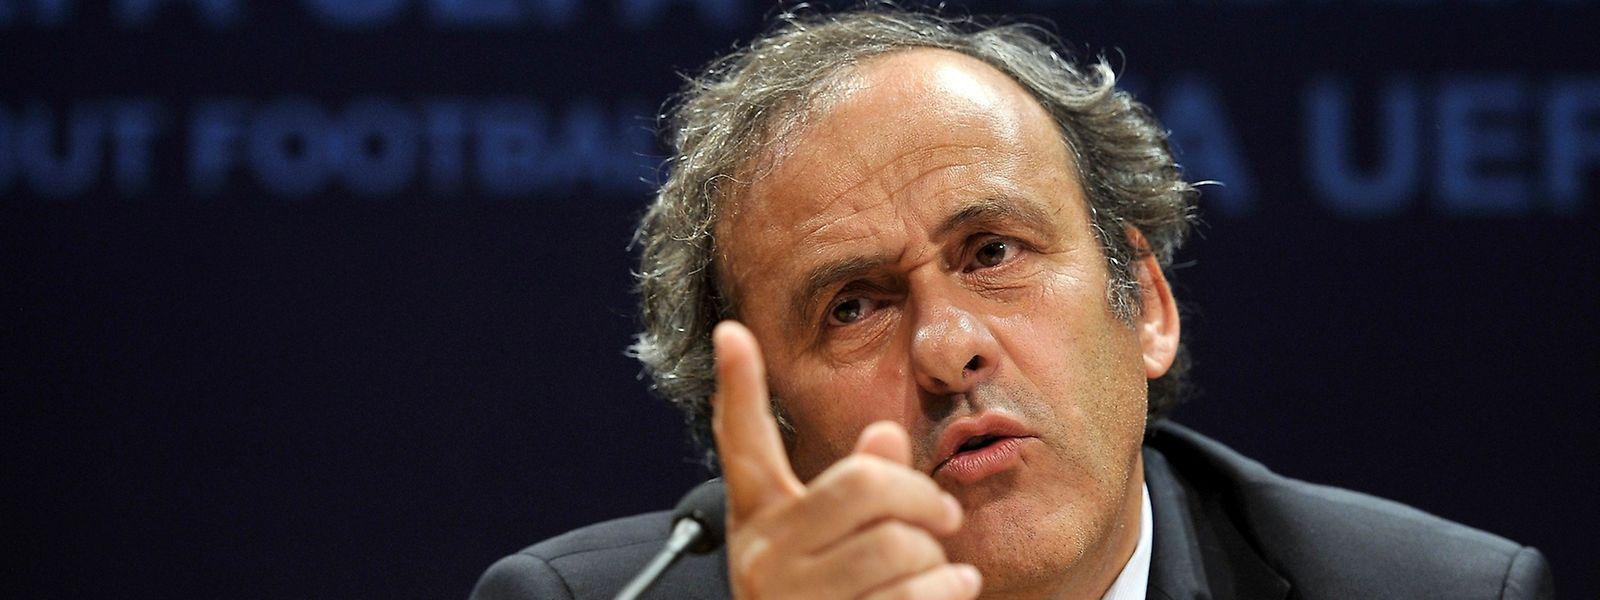 """Michel Platini: """"Ich werde um meinen Namen kämpfen, weil ich nichts Falsches gemacht habe."""""""